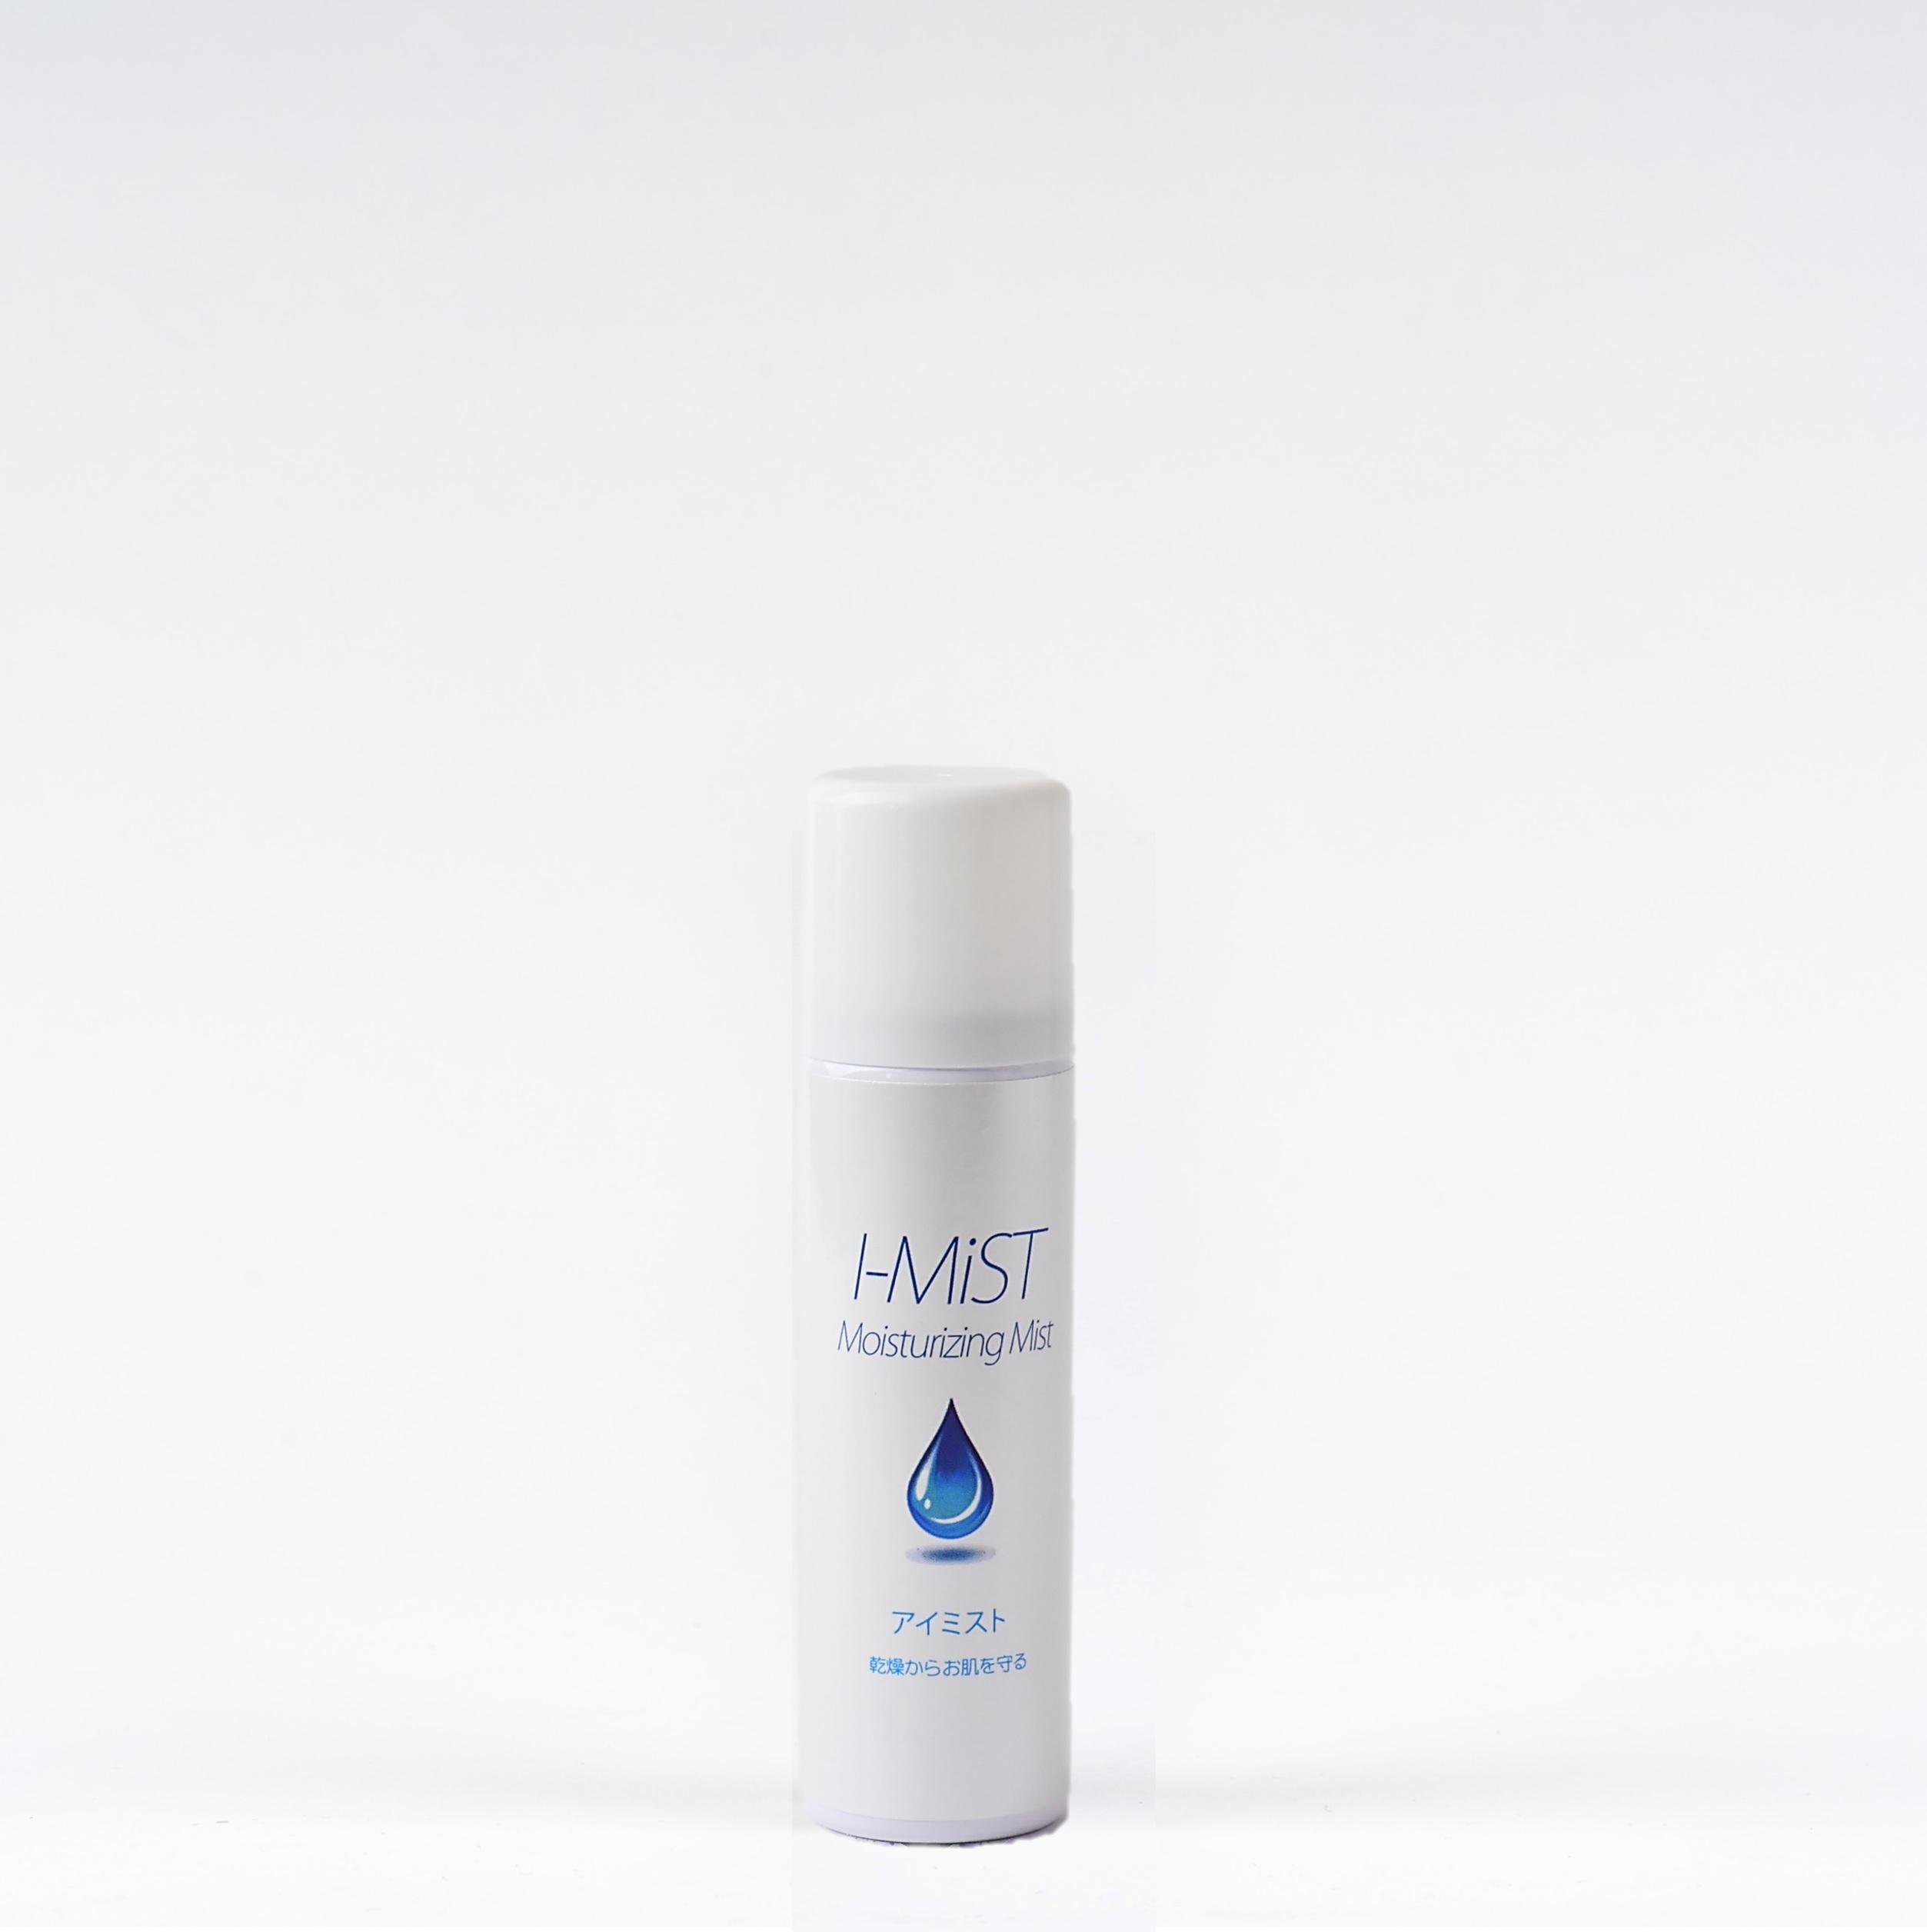 高い保湿力のある野生植物ミネラルと海洋深層水でできた【ミスト化粧水】アイミスト